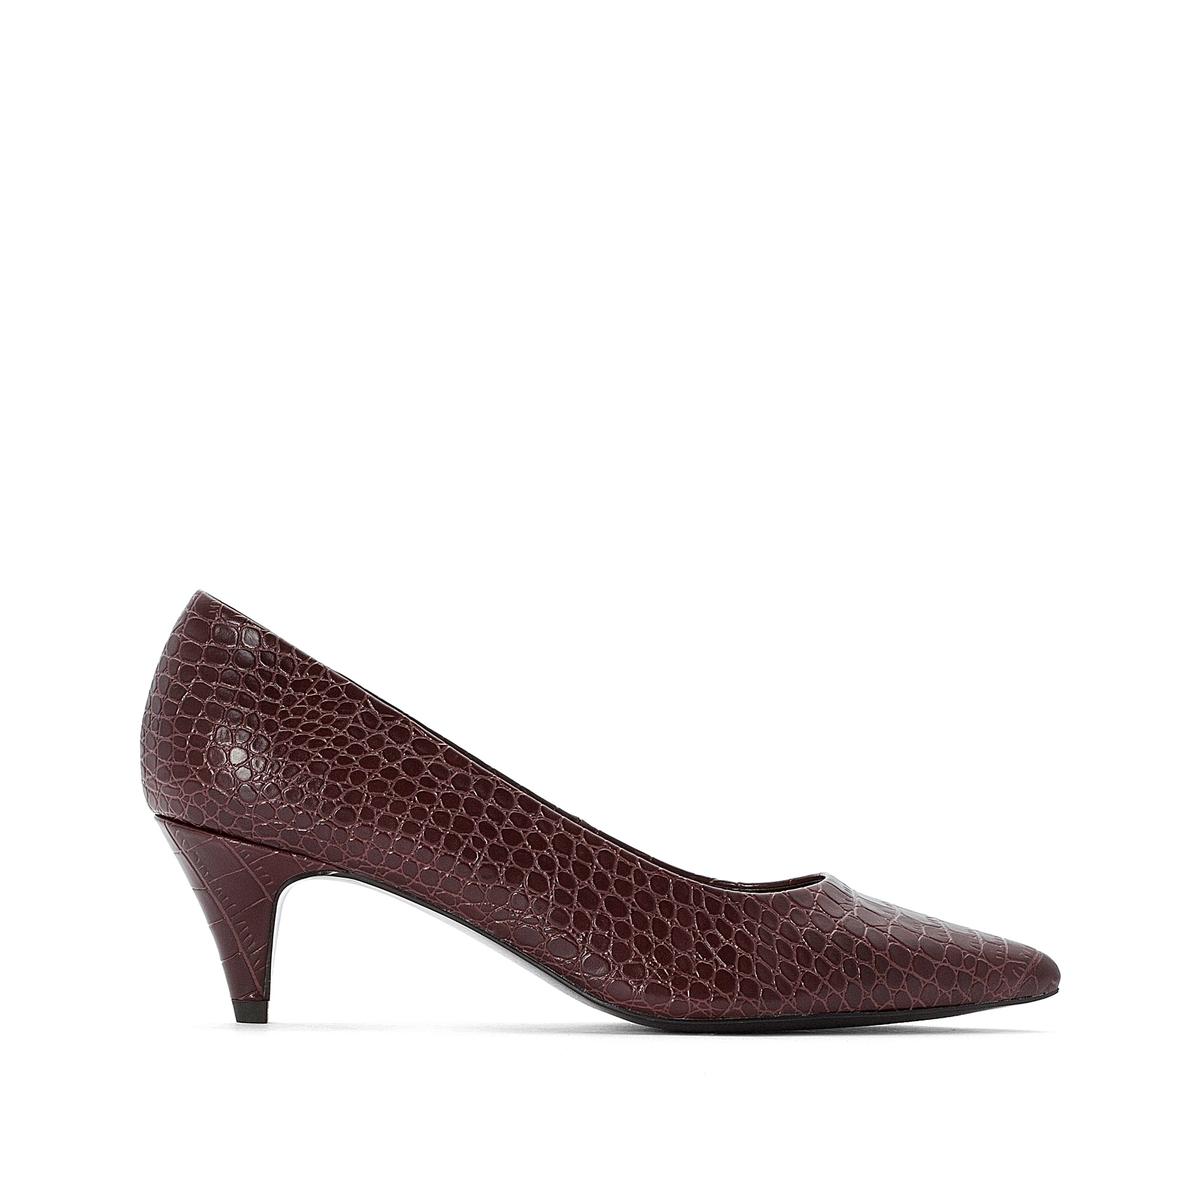 Туфли La Redoute С заостренным мыском с крокодиловым принтом 36 каштановый туфли la redoute на среднем каблуке с питоновым принтом 36 каштановый